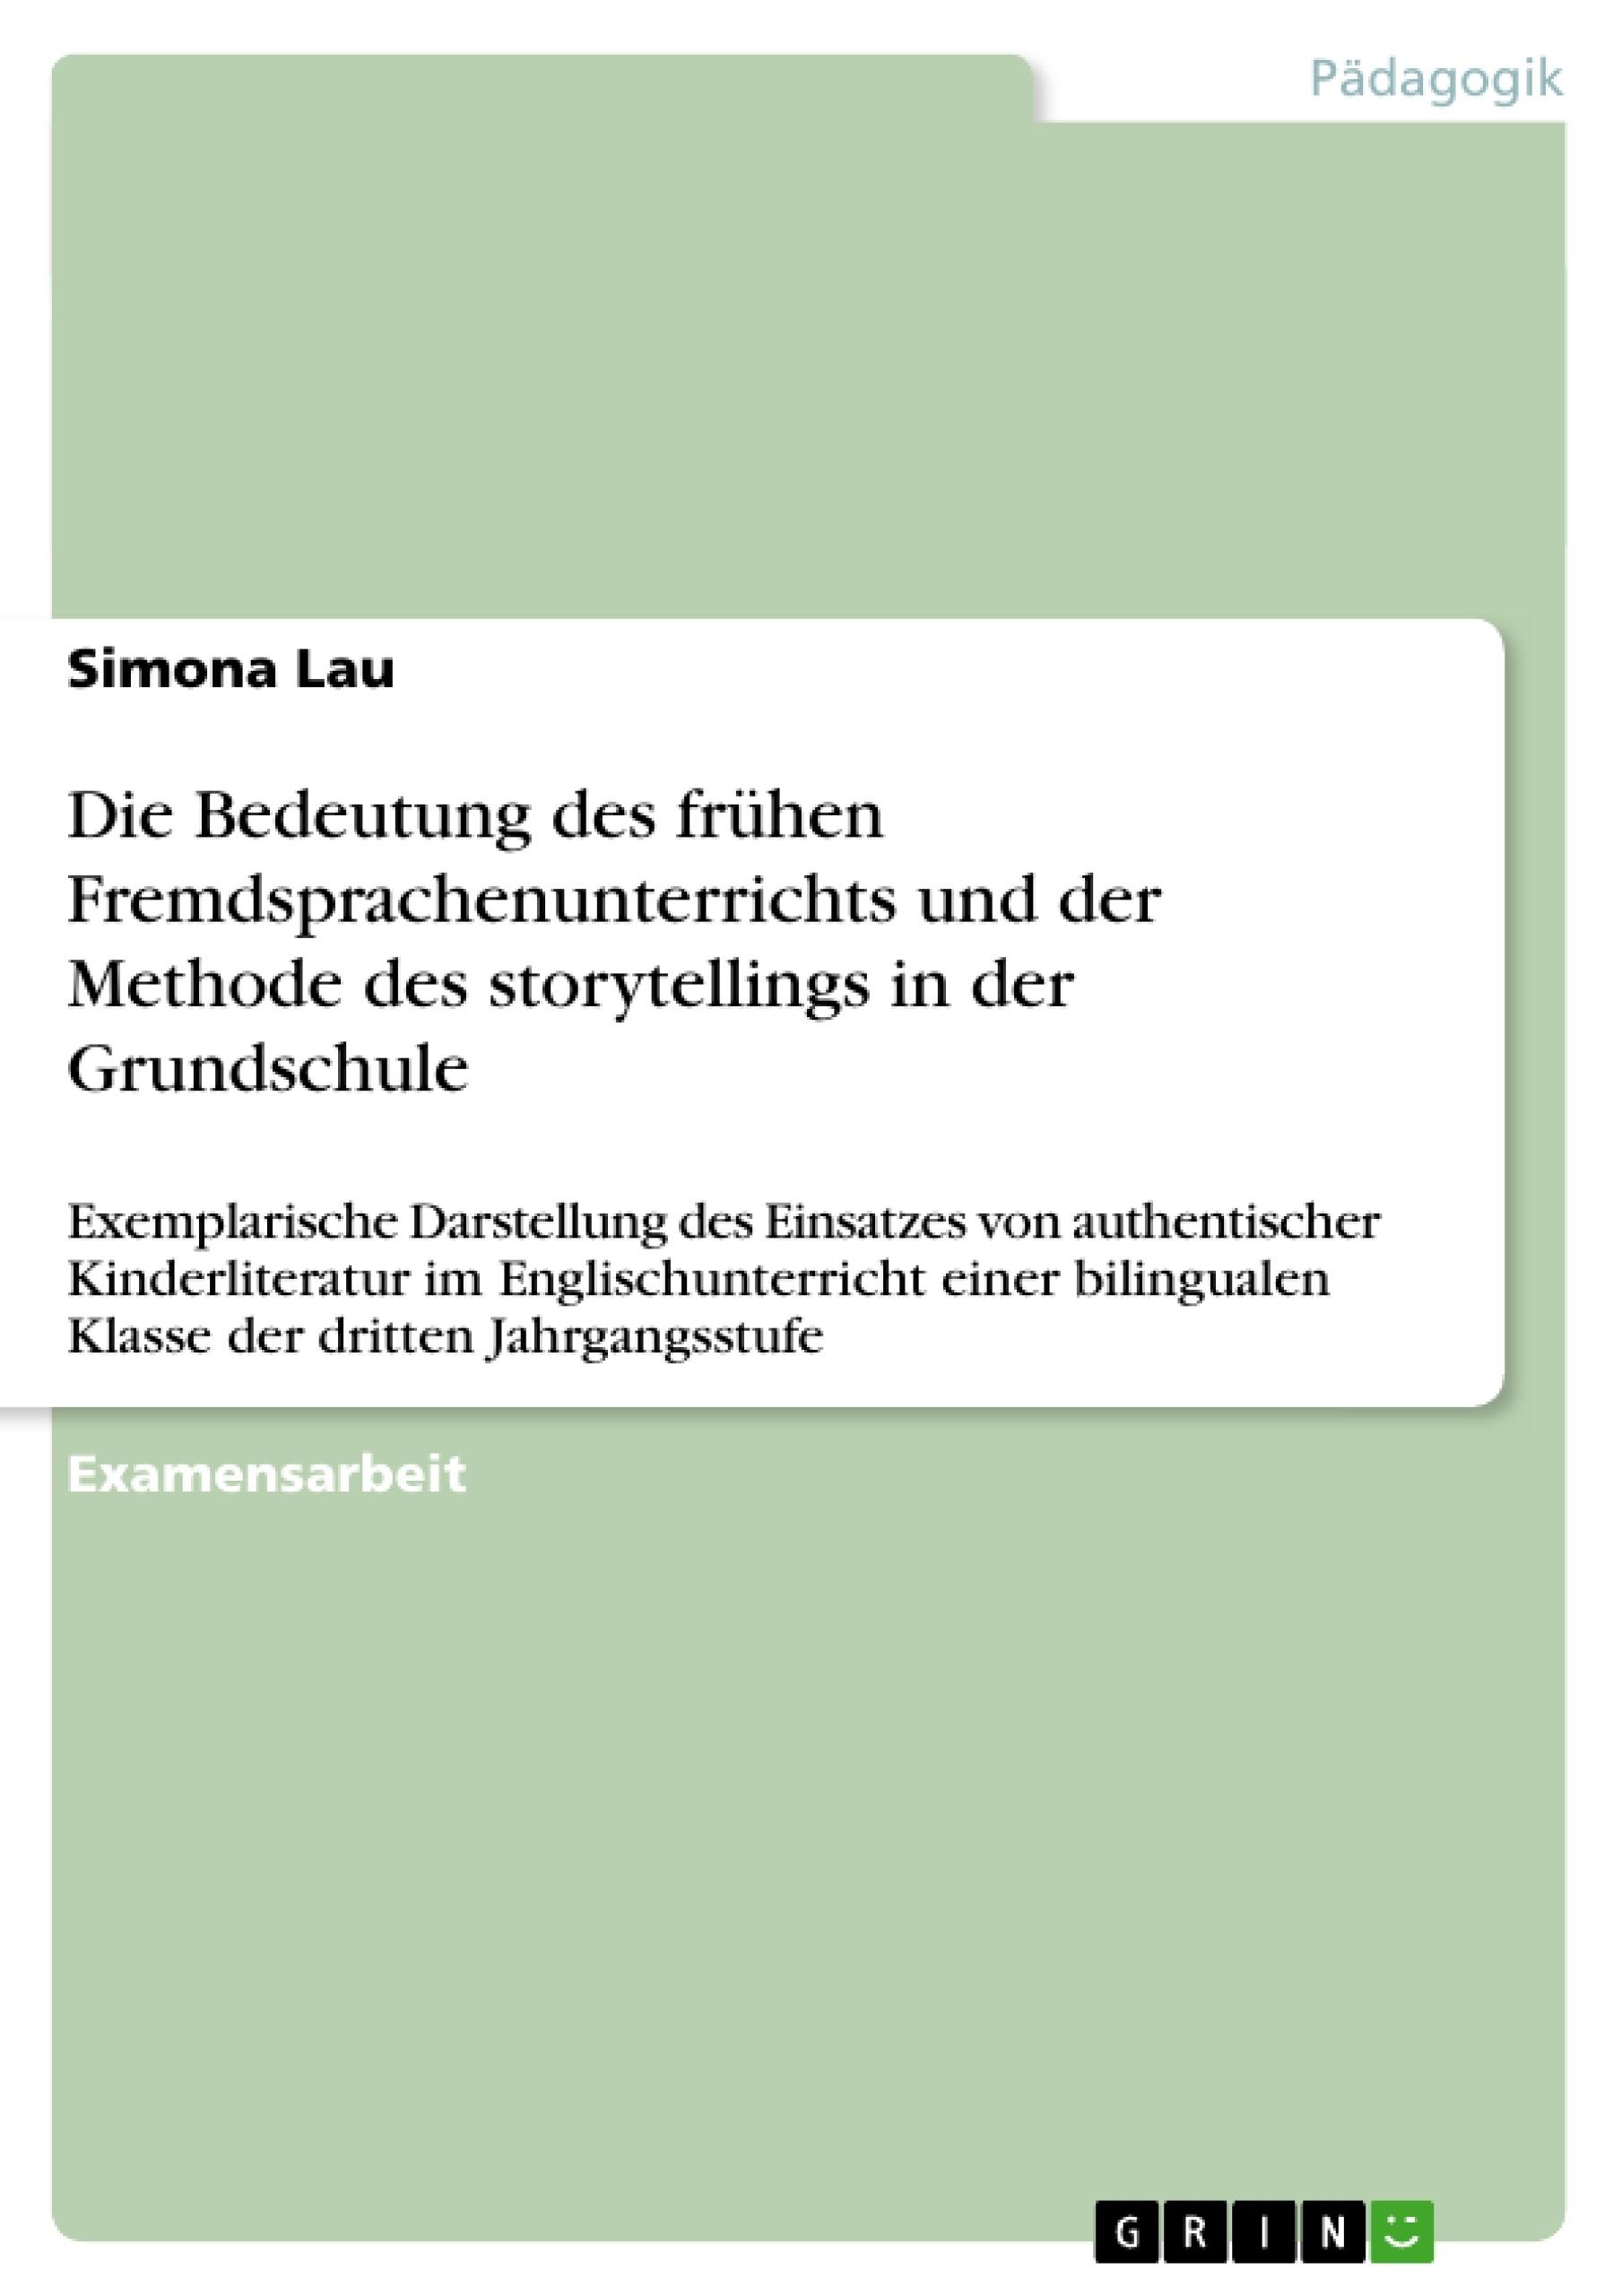 Titel: Die Bedeutung des frühen Fremdsprachenunterrichts und der Methode des storytellings in der Grundschule